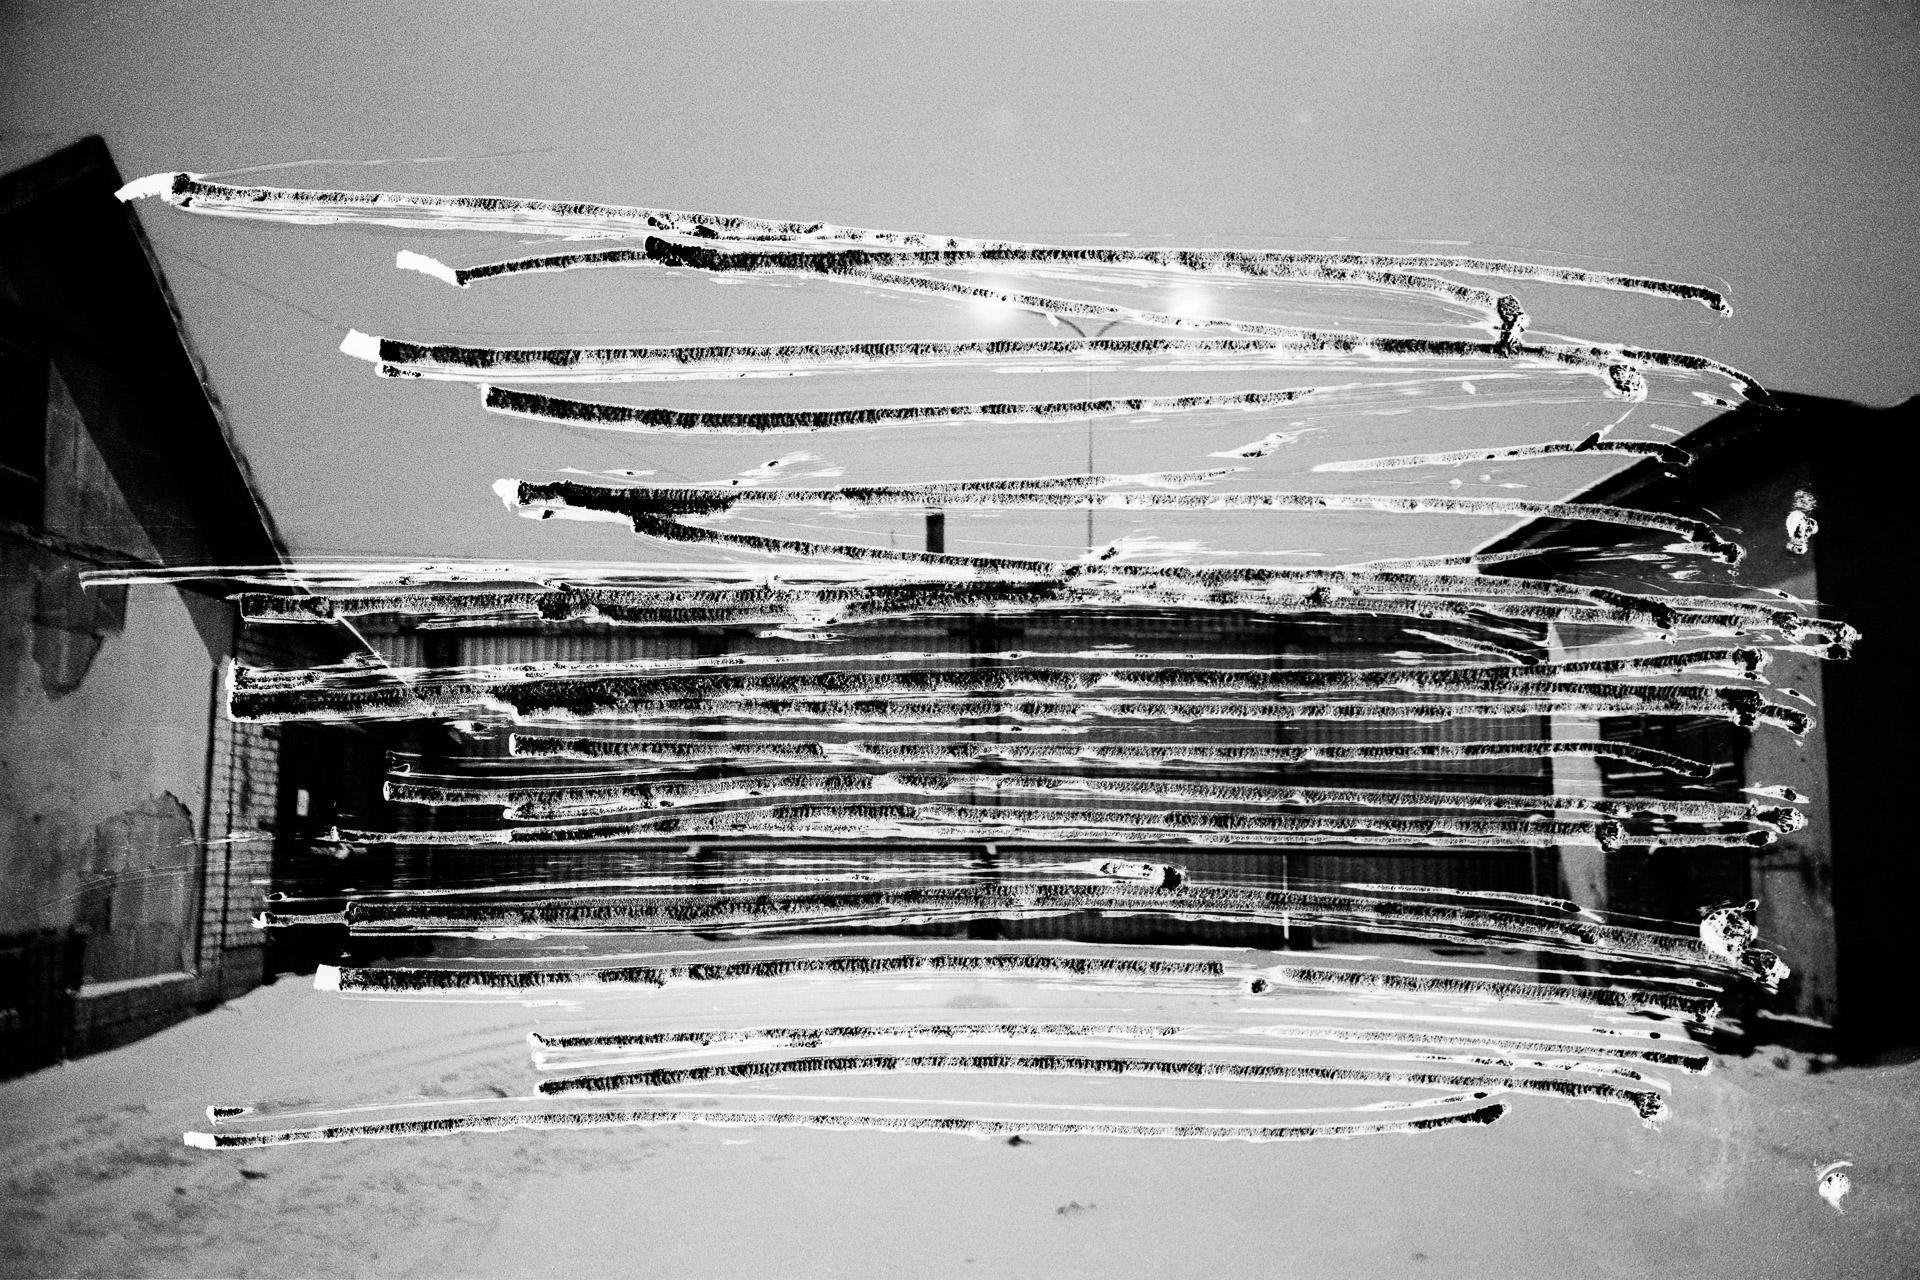 Before 1991, when Latvia was part of the USSR, approximately 300 inmates were held in this juvenile detention centre located in the small town of Cēsis, 80 km northwest of the capital, Riga. Today, 39 prisoners do their time here, without any change in the area in use. At the request of the administration, I had to scratch out with a knife this part of the wall, though this view is from outside of the prison and does not represent a security risk. Avant 1991, alors que la Lettonie faisait partie de l'URSS, environ 300 détenus étaient incarcérés dans ce centre de détention pour mineurs (Cēsu Audzināšanas Iestādes Nepilngadīgajiem) situé dans la petite ville de Cēsis, à 80 km au nord-est de la capitale Riga. Aujourd'hui, 39 prisonniers y purgent leur peine, sans que la surface occupée auparavant n'ait été modifiée. Le centre a été rénové entre 2011 et 2012 grâce à des fonds de l'union européenne et de la Norvège. A la demande de l'administration, j'ai dû gratter au couteau ce pan du mur, vu pourtant depuis l'extérieur de la prison, ne représentant aucun risque pour la sécurité. © Jérémie Jung